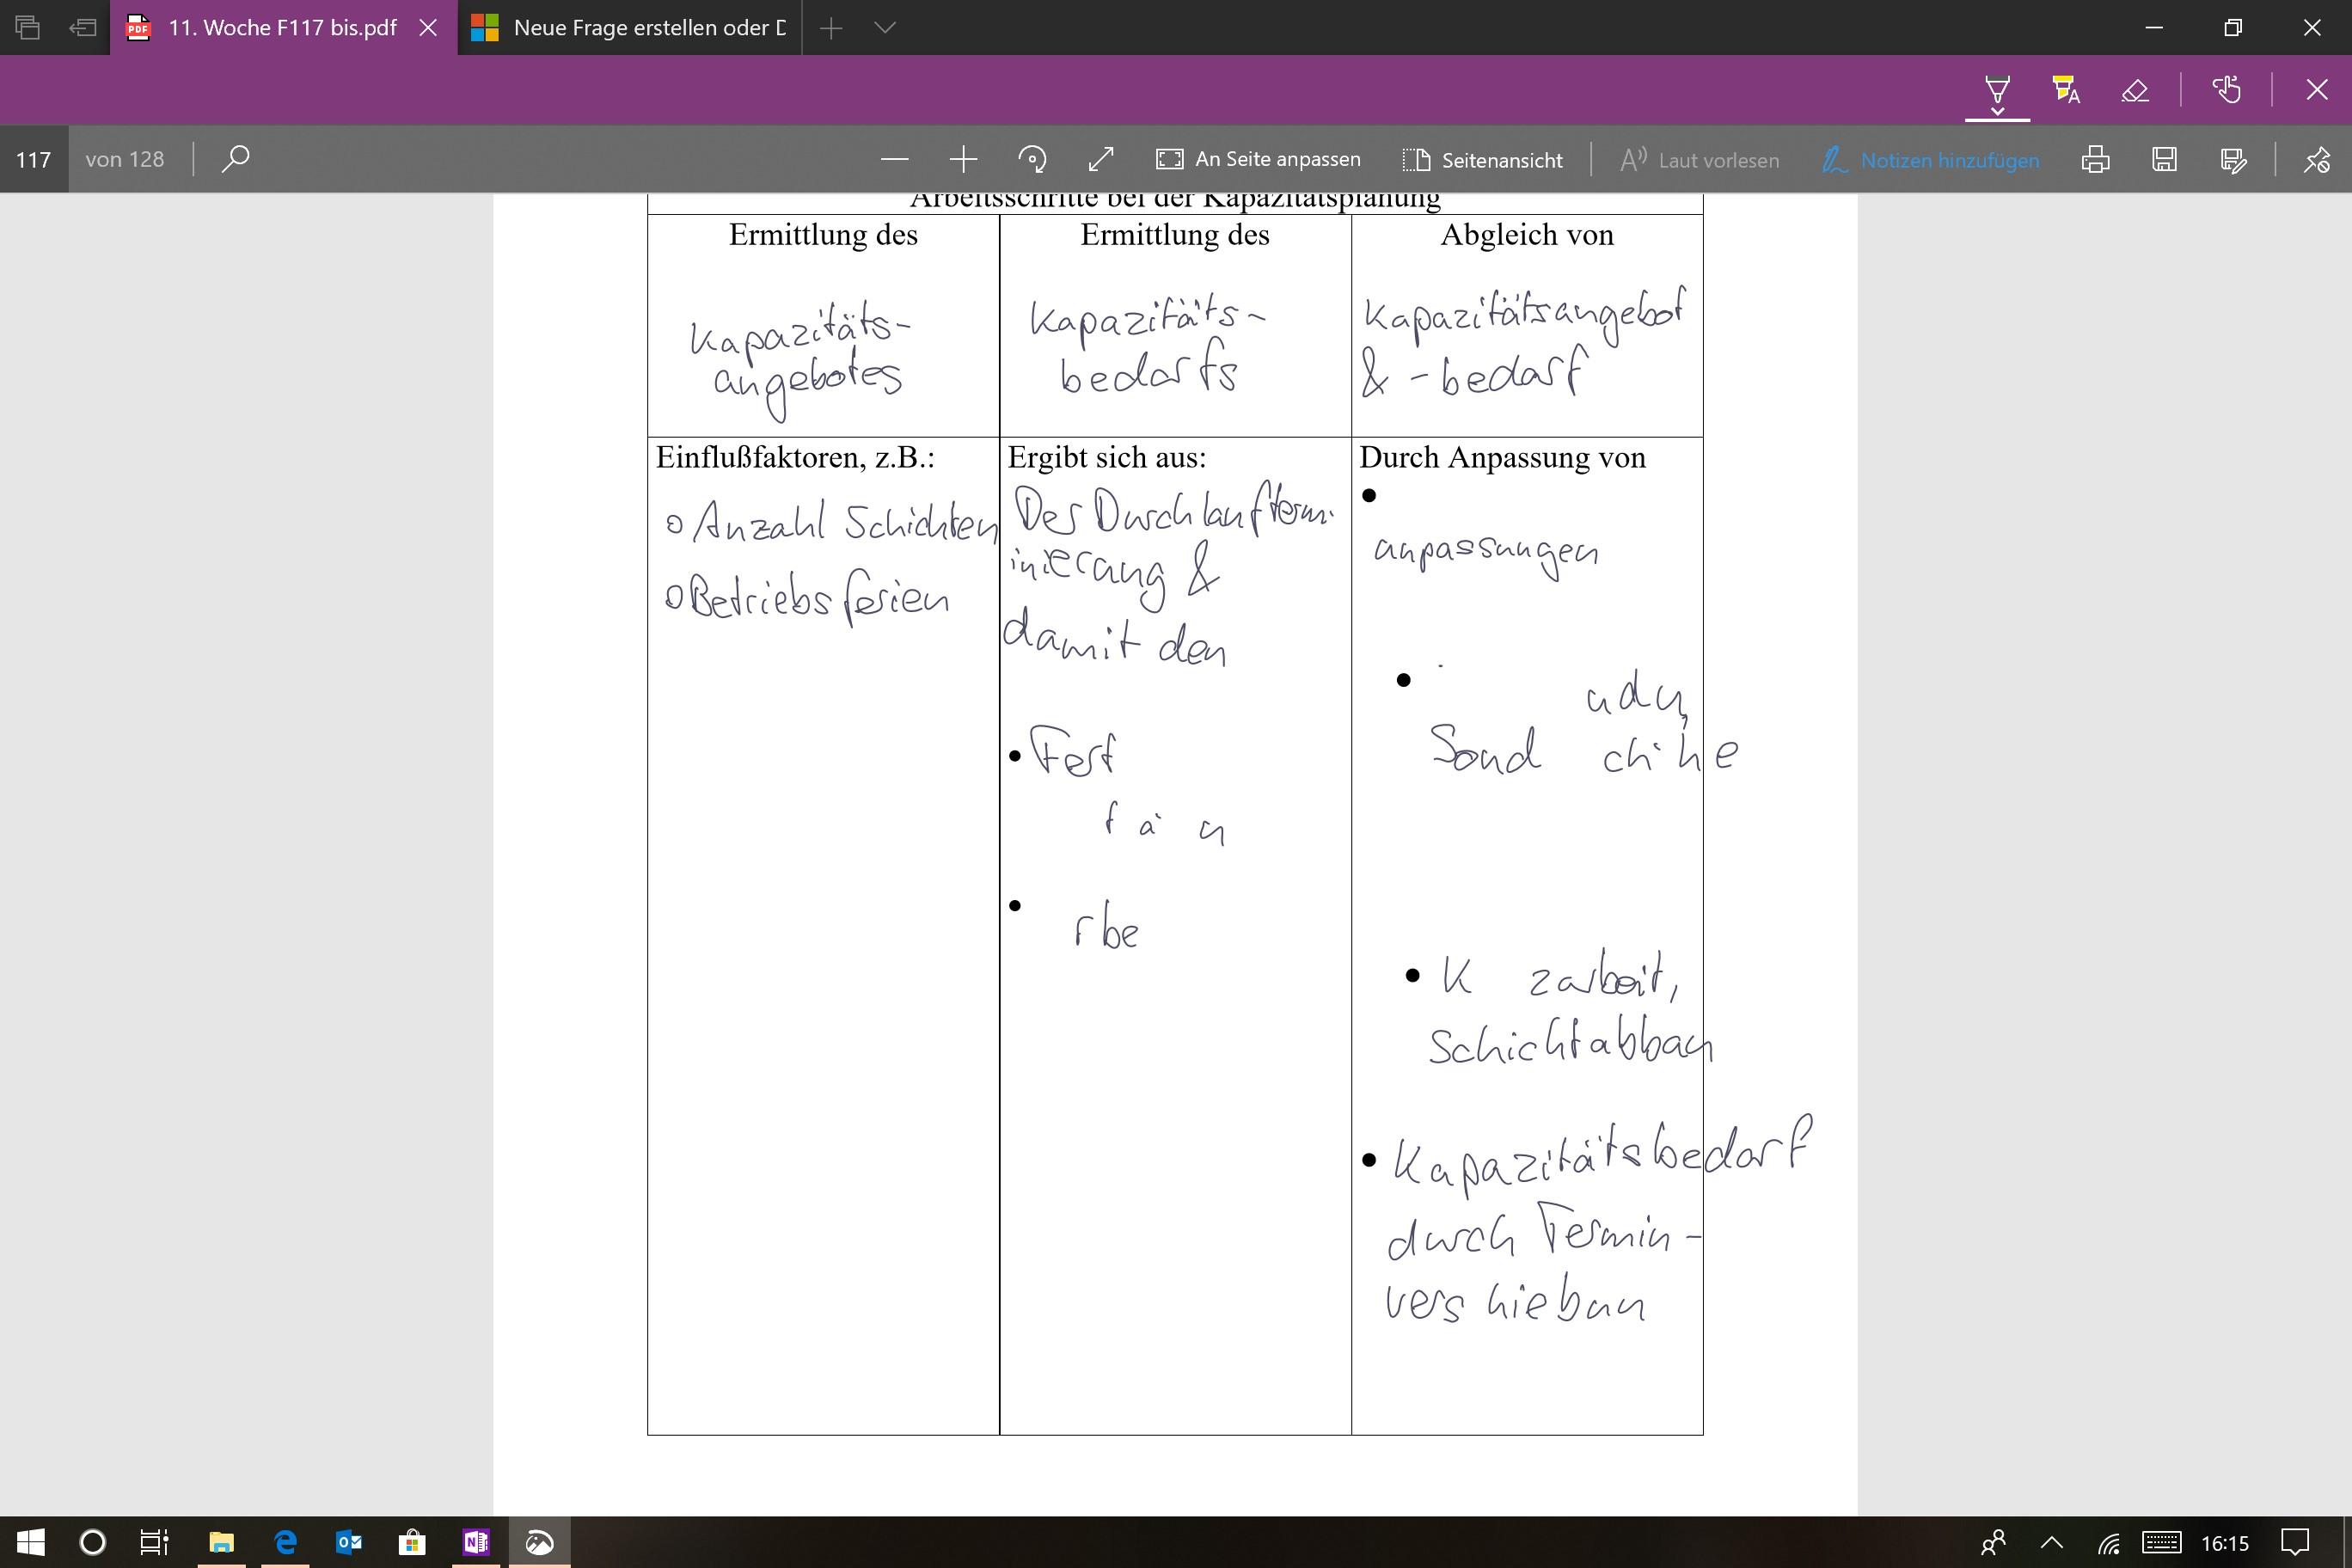 Edge speichert PDF Notizen nicht mehr richtig